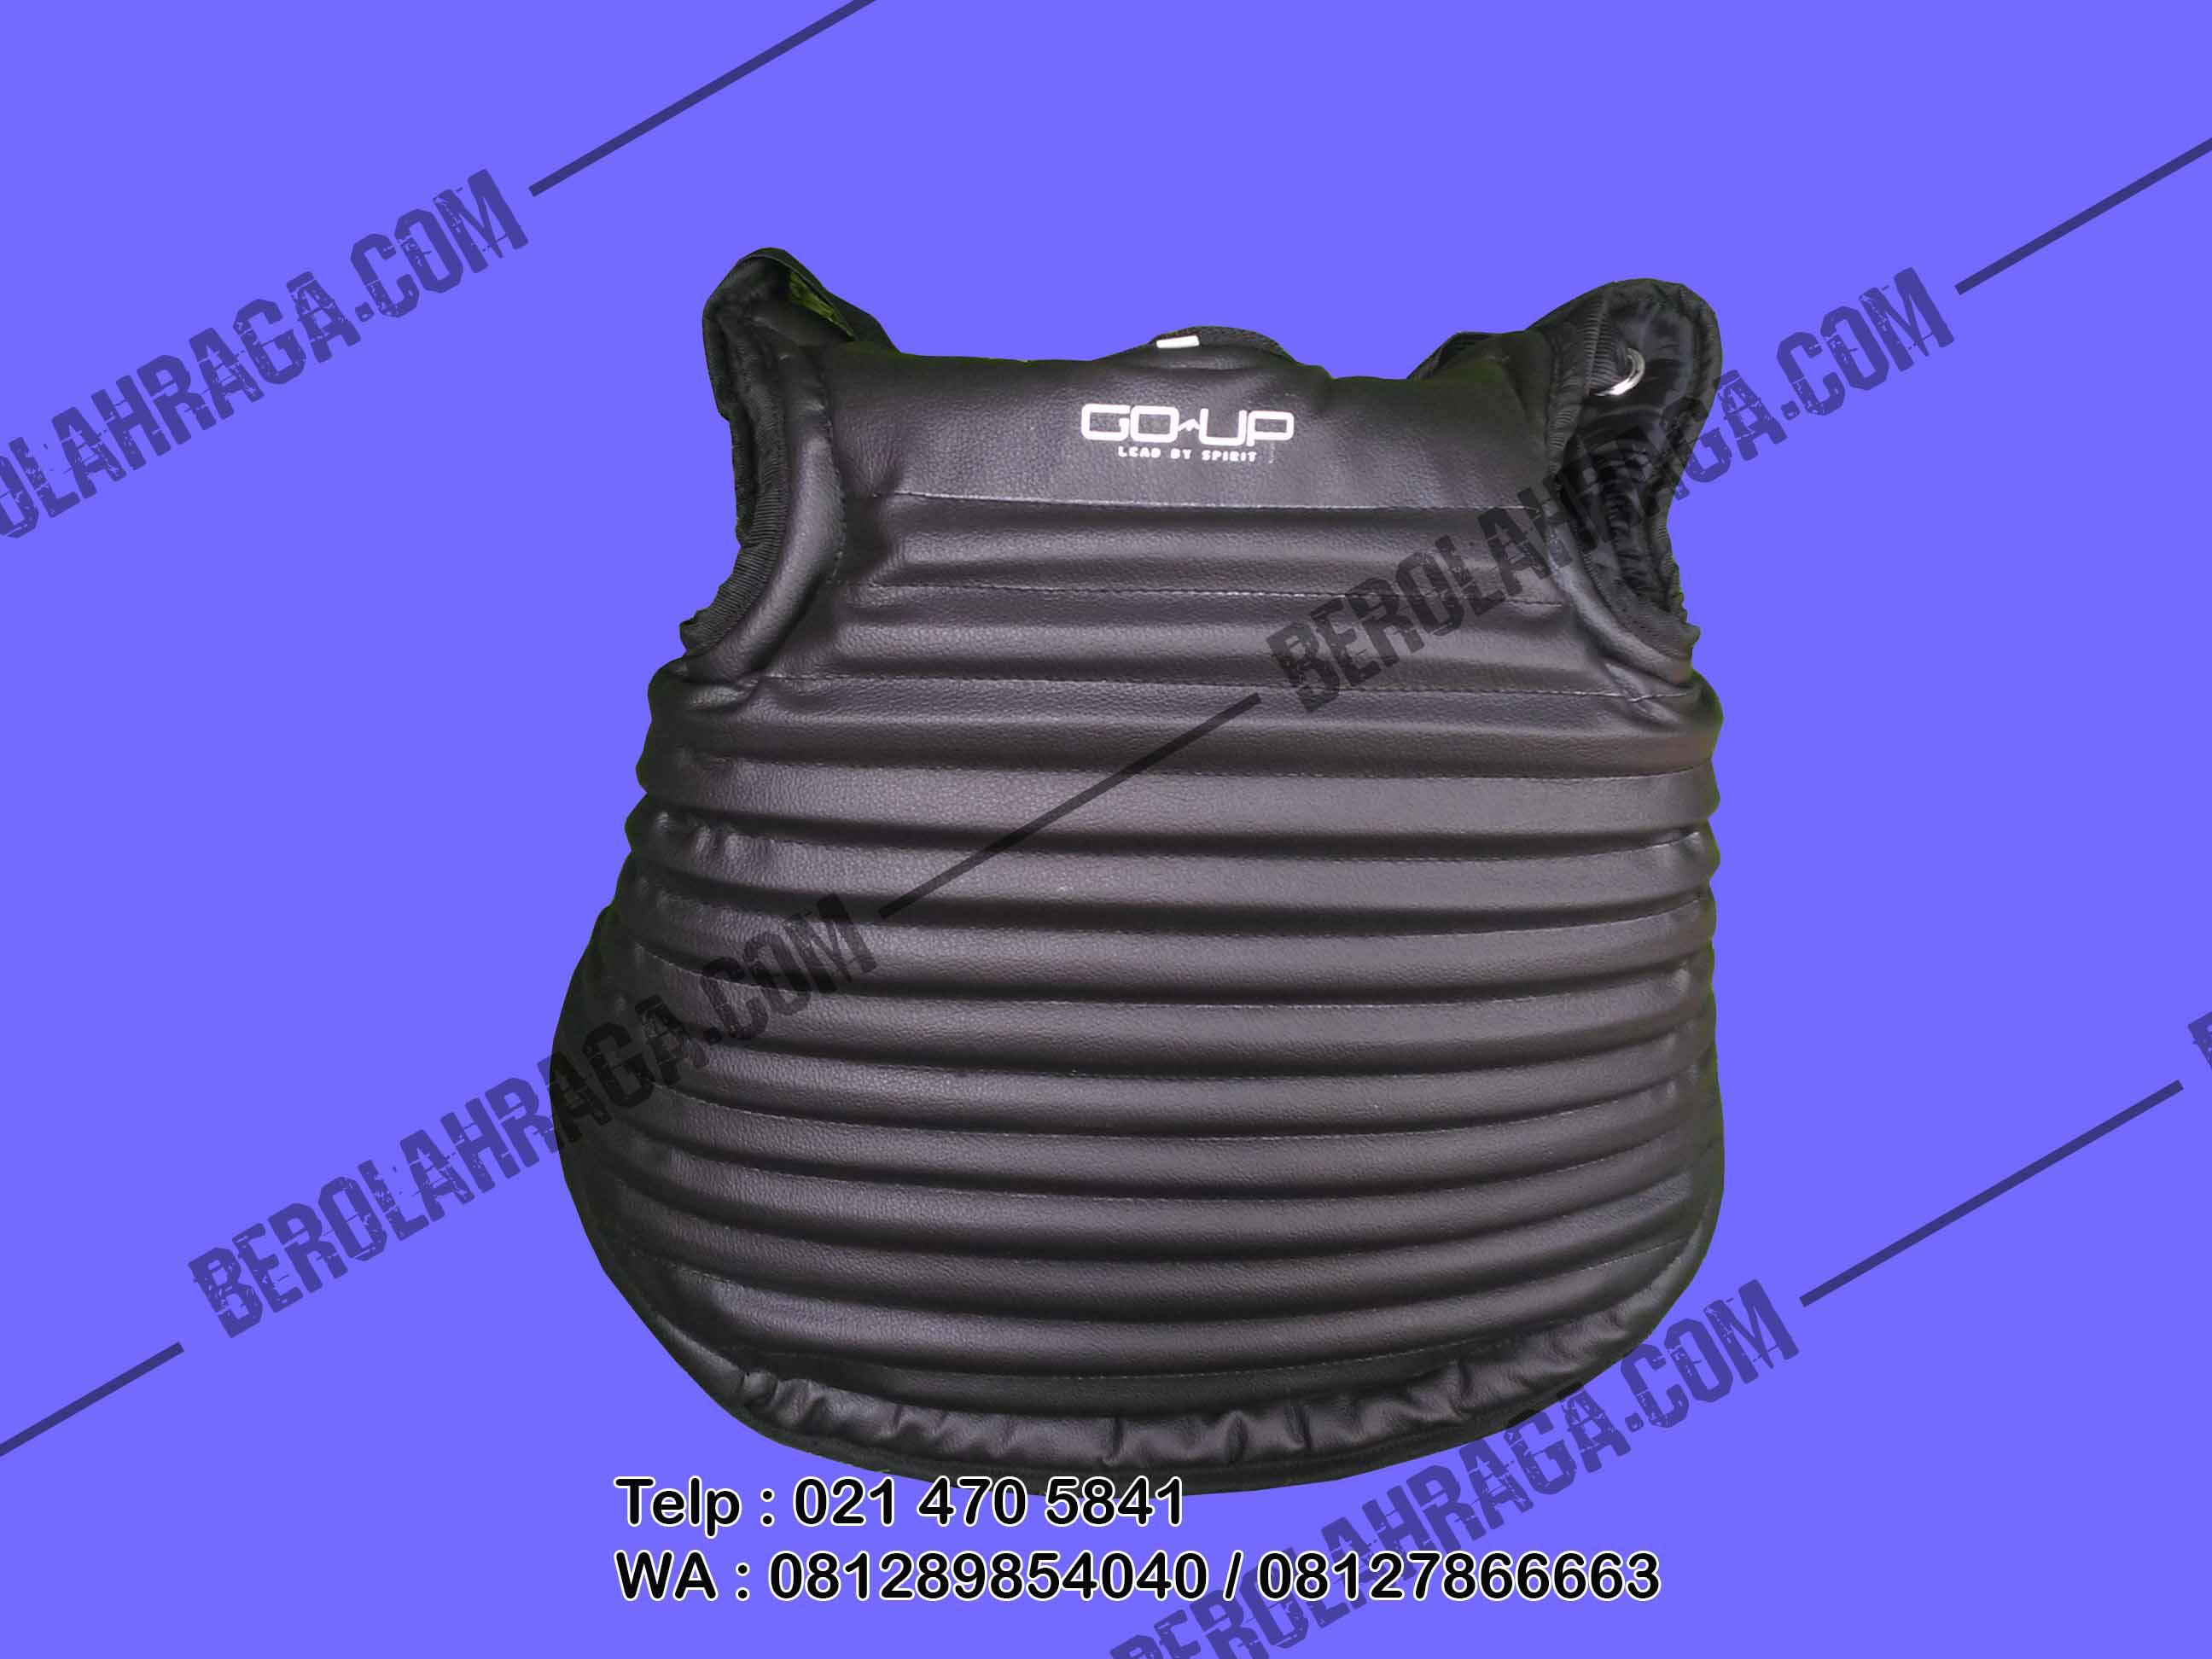 Body Protector silat bandung murah, Kualitas standard kompetisi, shipping ke seleruh wilayah Indonesia, harga paling murah grossir